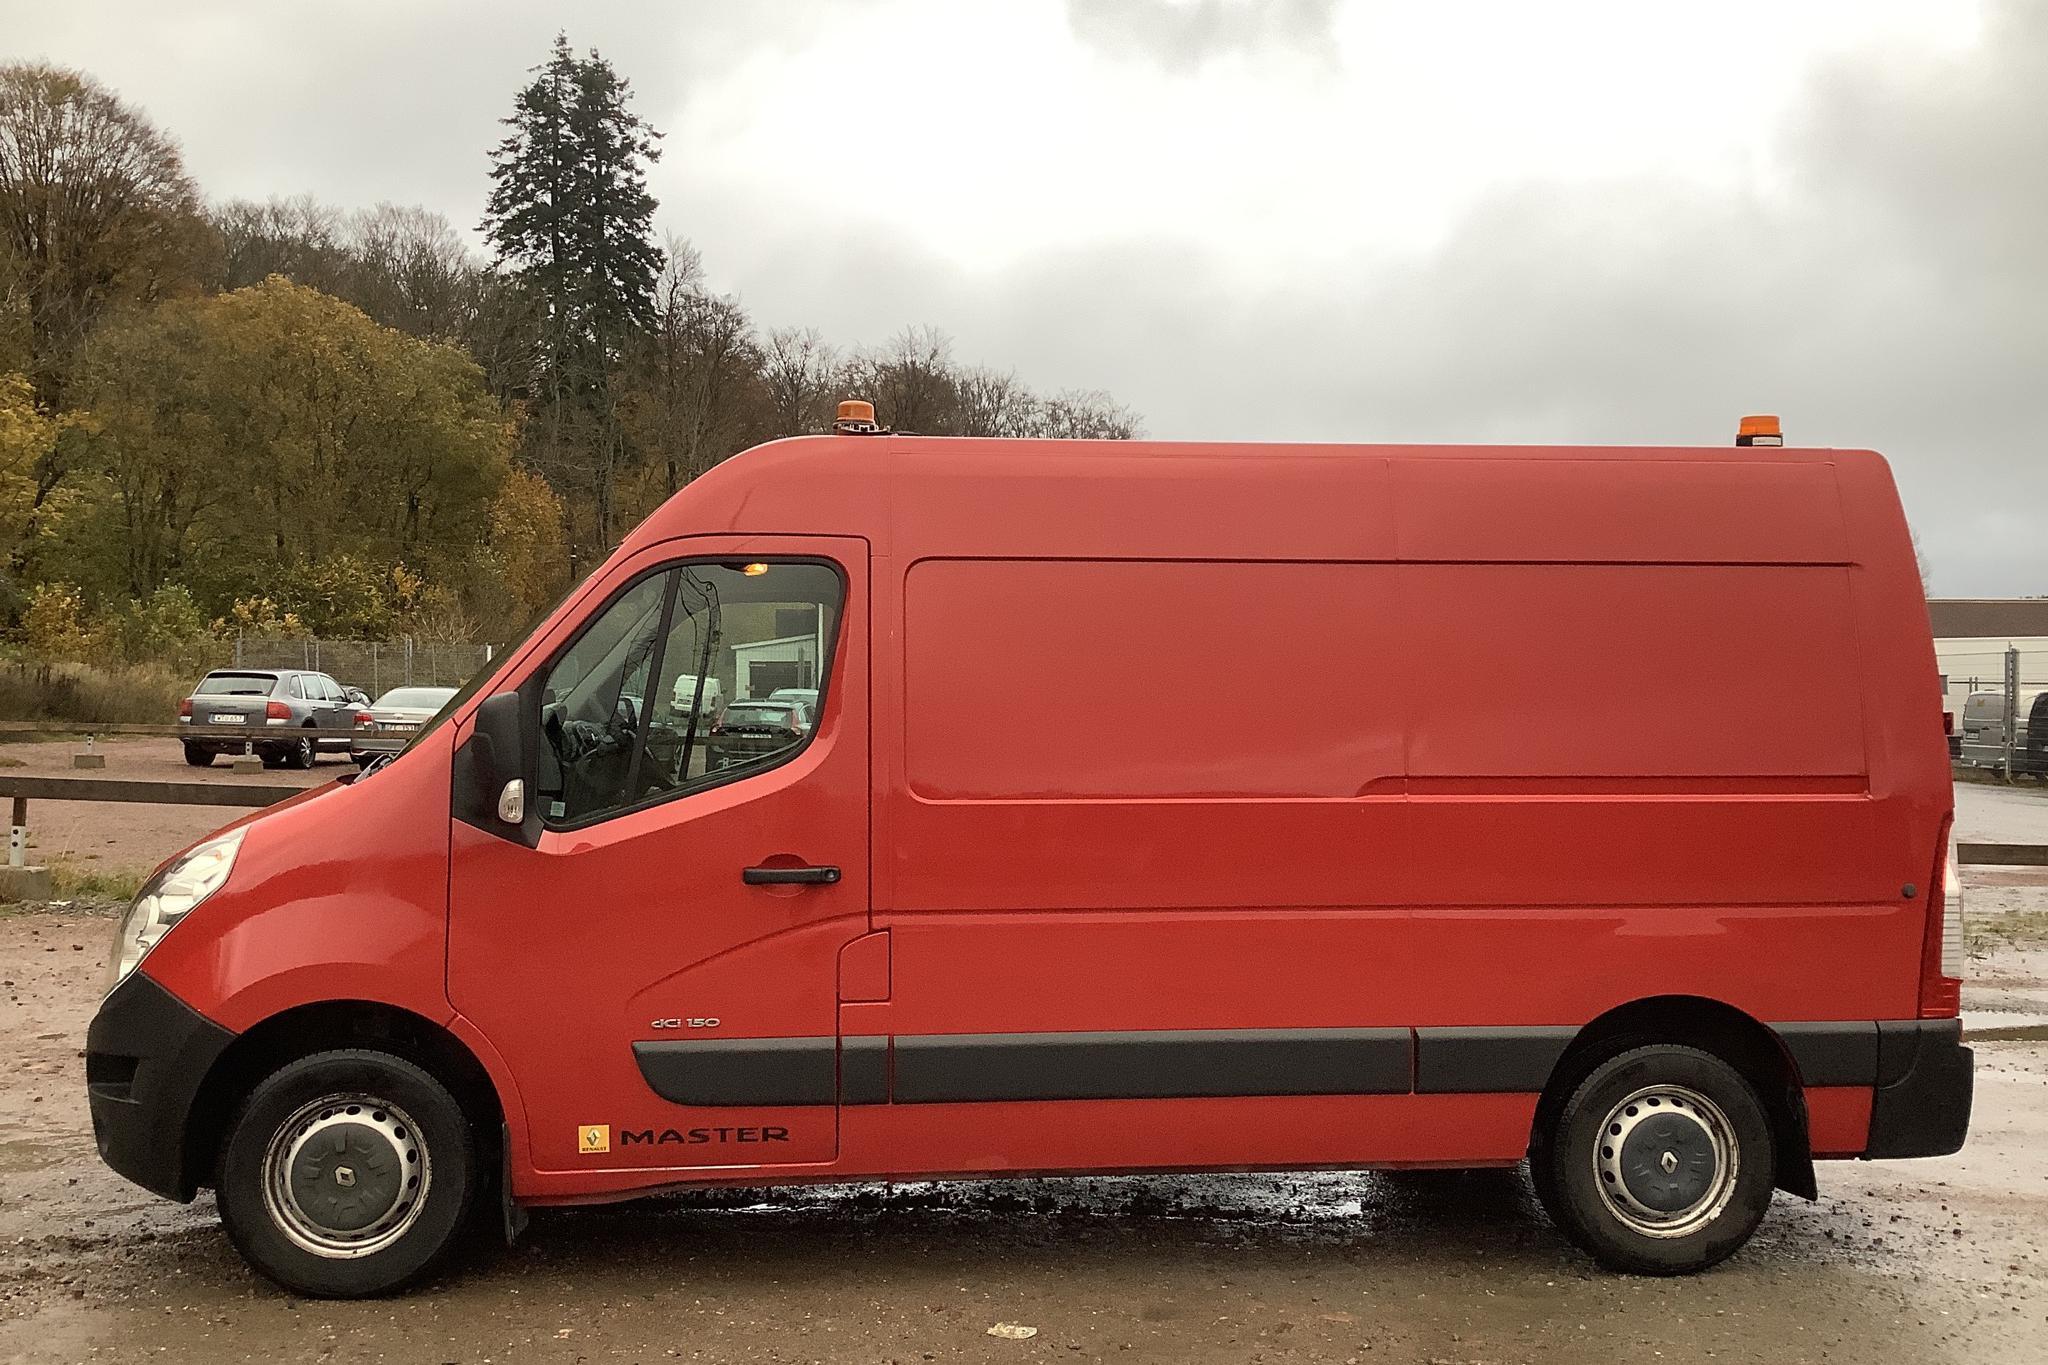 Renault Master 2.3 dCi FAP 2WD (146hk) - 9 972 mil - Automat - röd - 2011